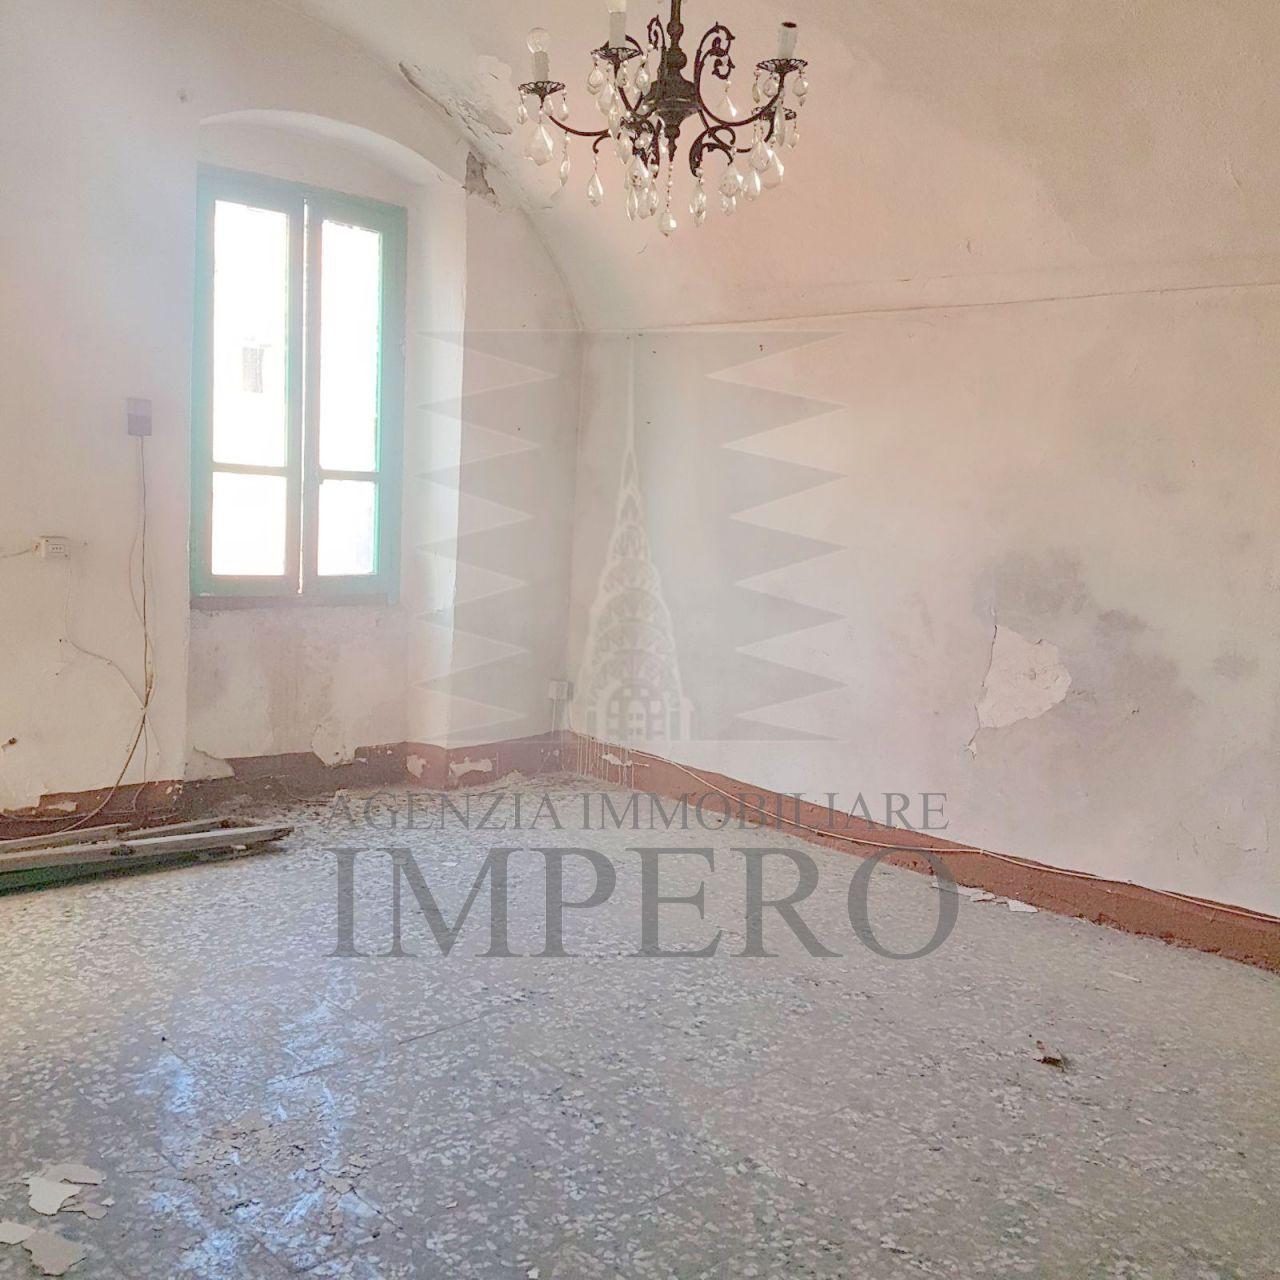 Appartamento in vendita a Camporosso, 4 locali, prezzo € 42.000 | PortaleAgenzieImmobiliari.it